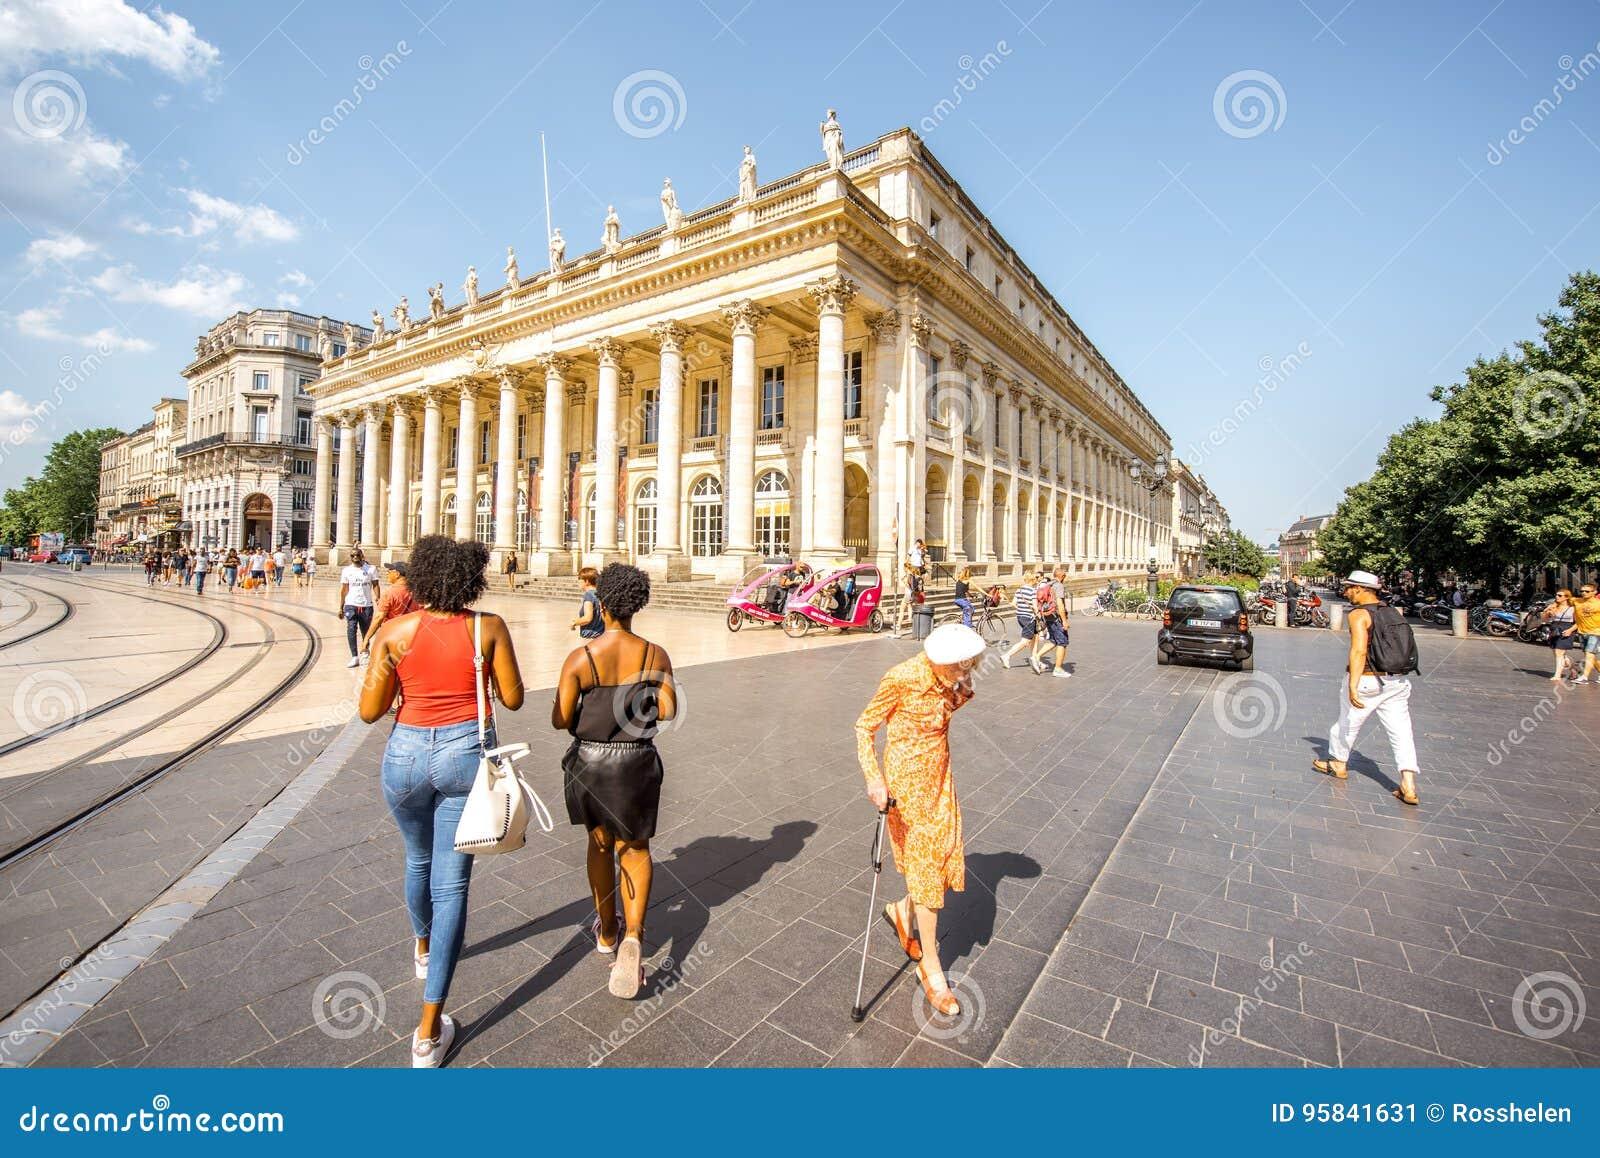 Жизнь в городе Бордо